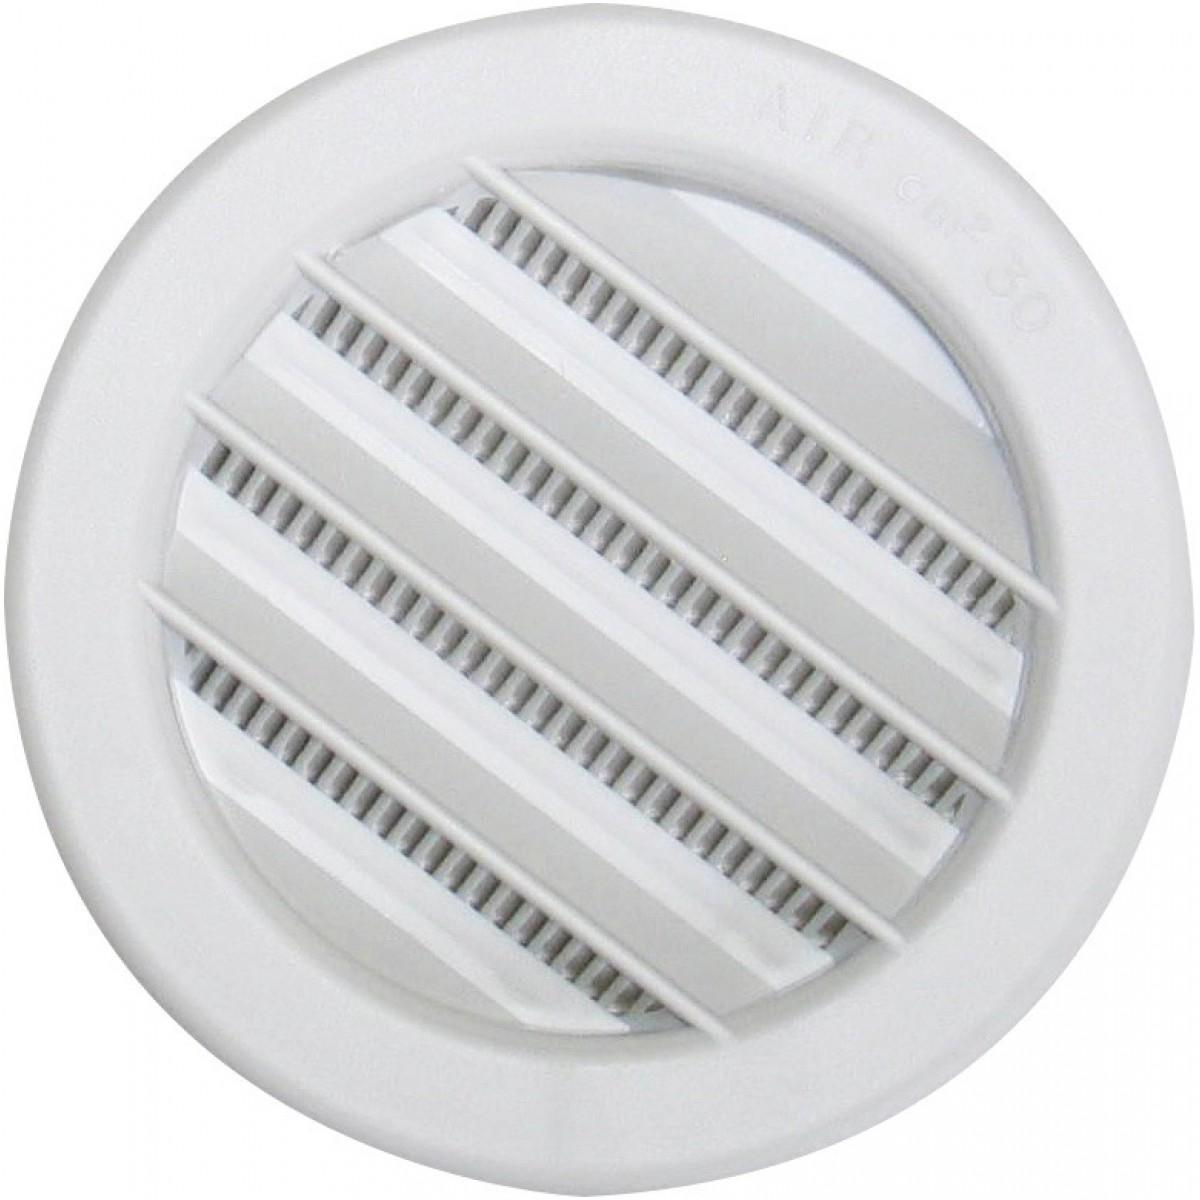 Grille plastique universelle à encastrer DMO - Diamètre 100 mm